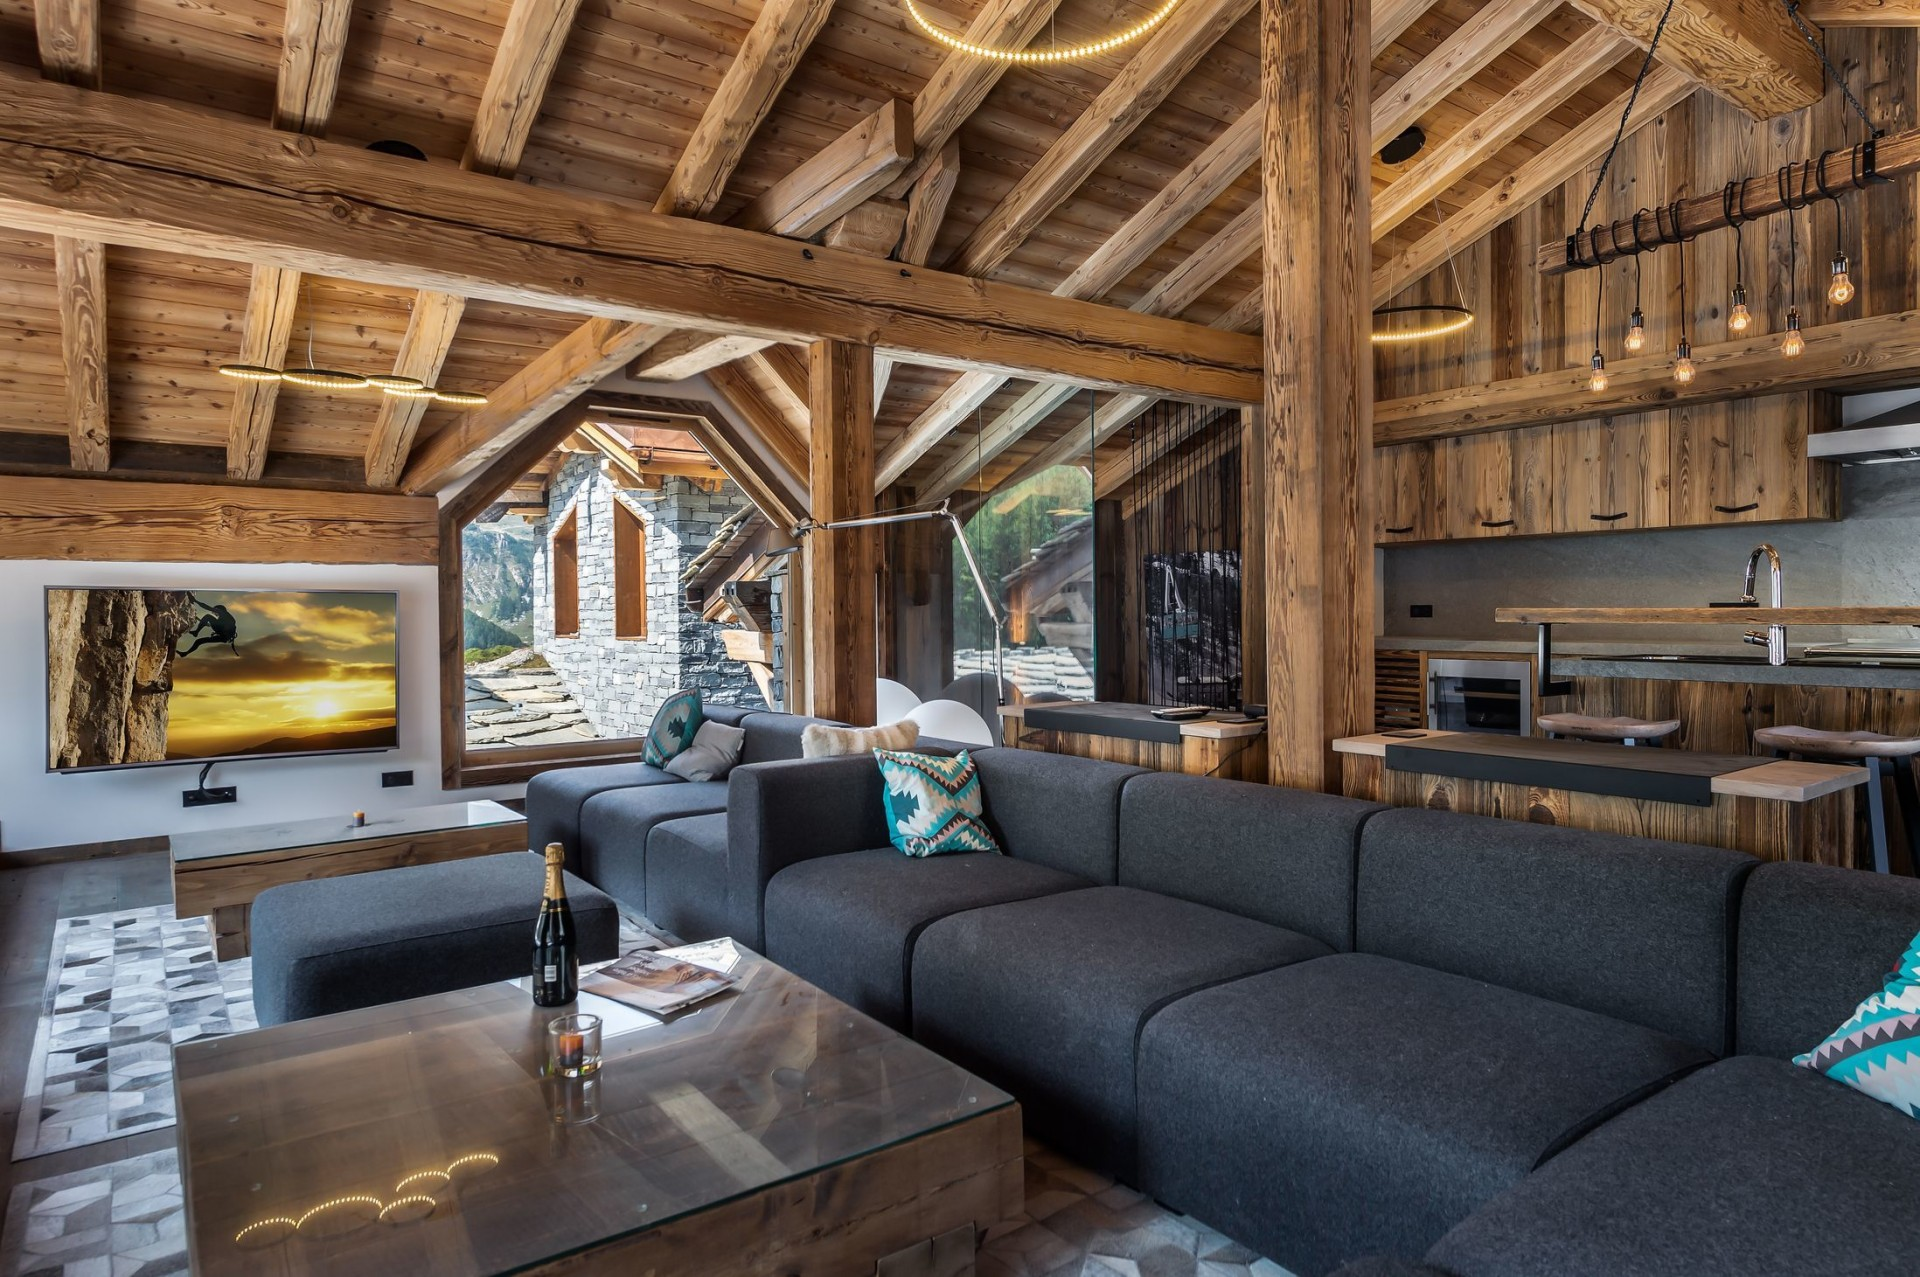 Val d'Isère Location Chalet Luxe Tellanche Séjour 3